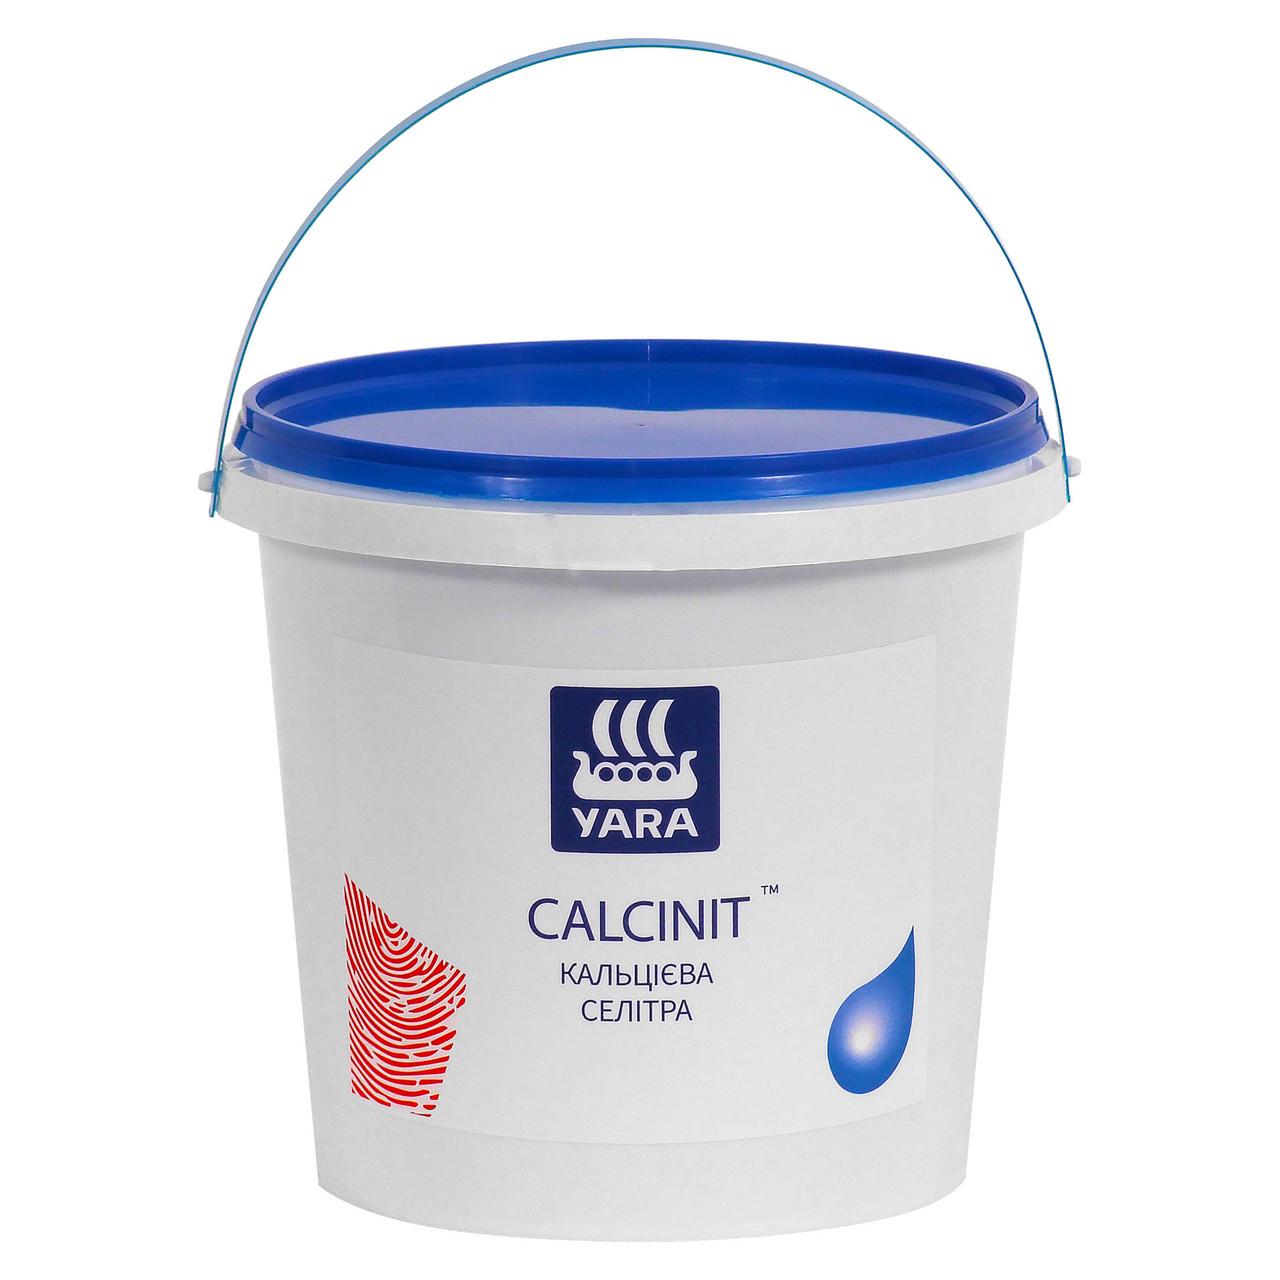 Азотно добриво для томатів, огірків, капусти, кальцієва селітра, Яру Кальцинит, Yara CALCINIT (2,5 кг)